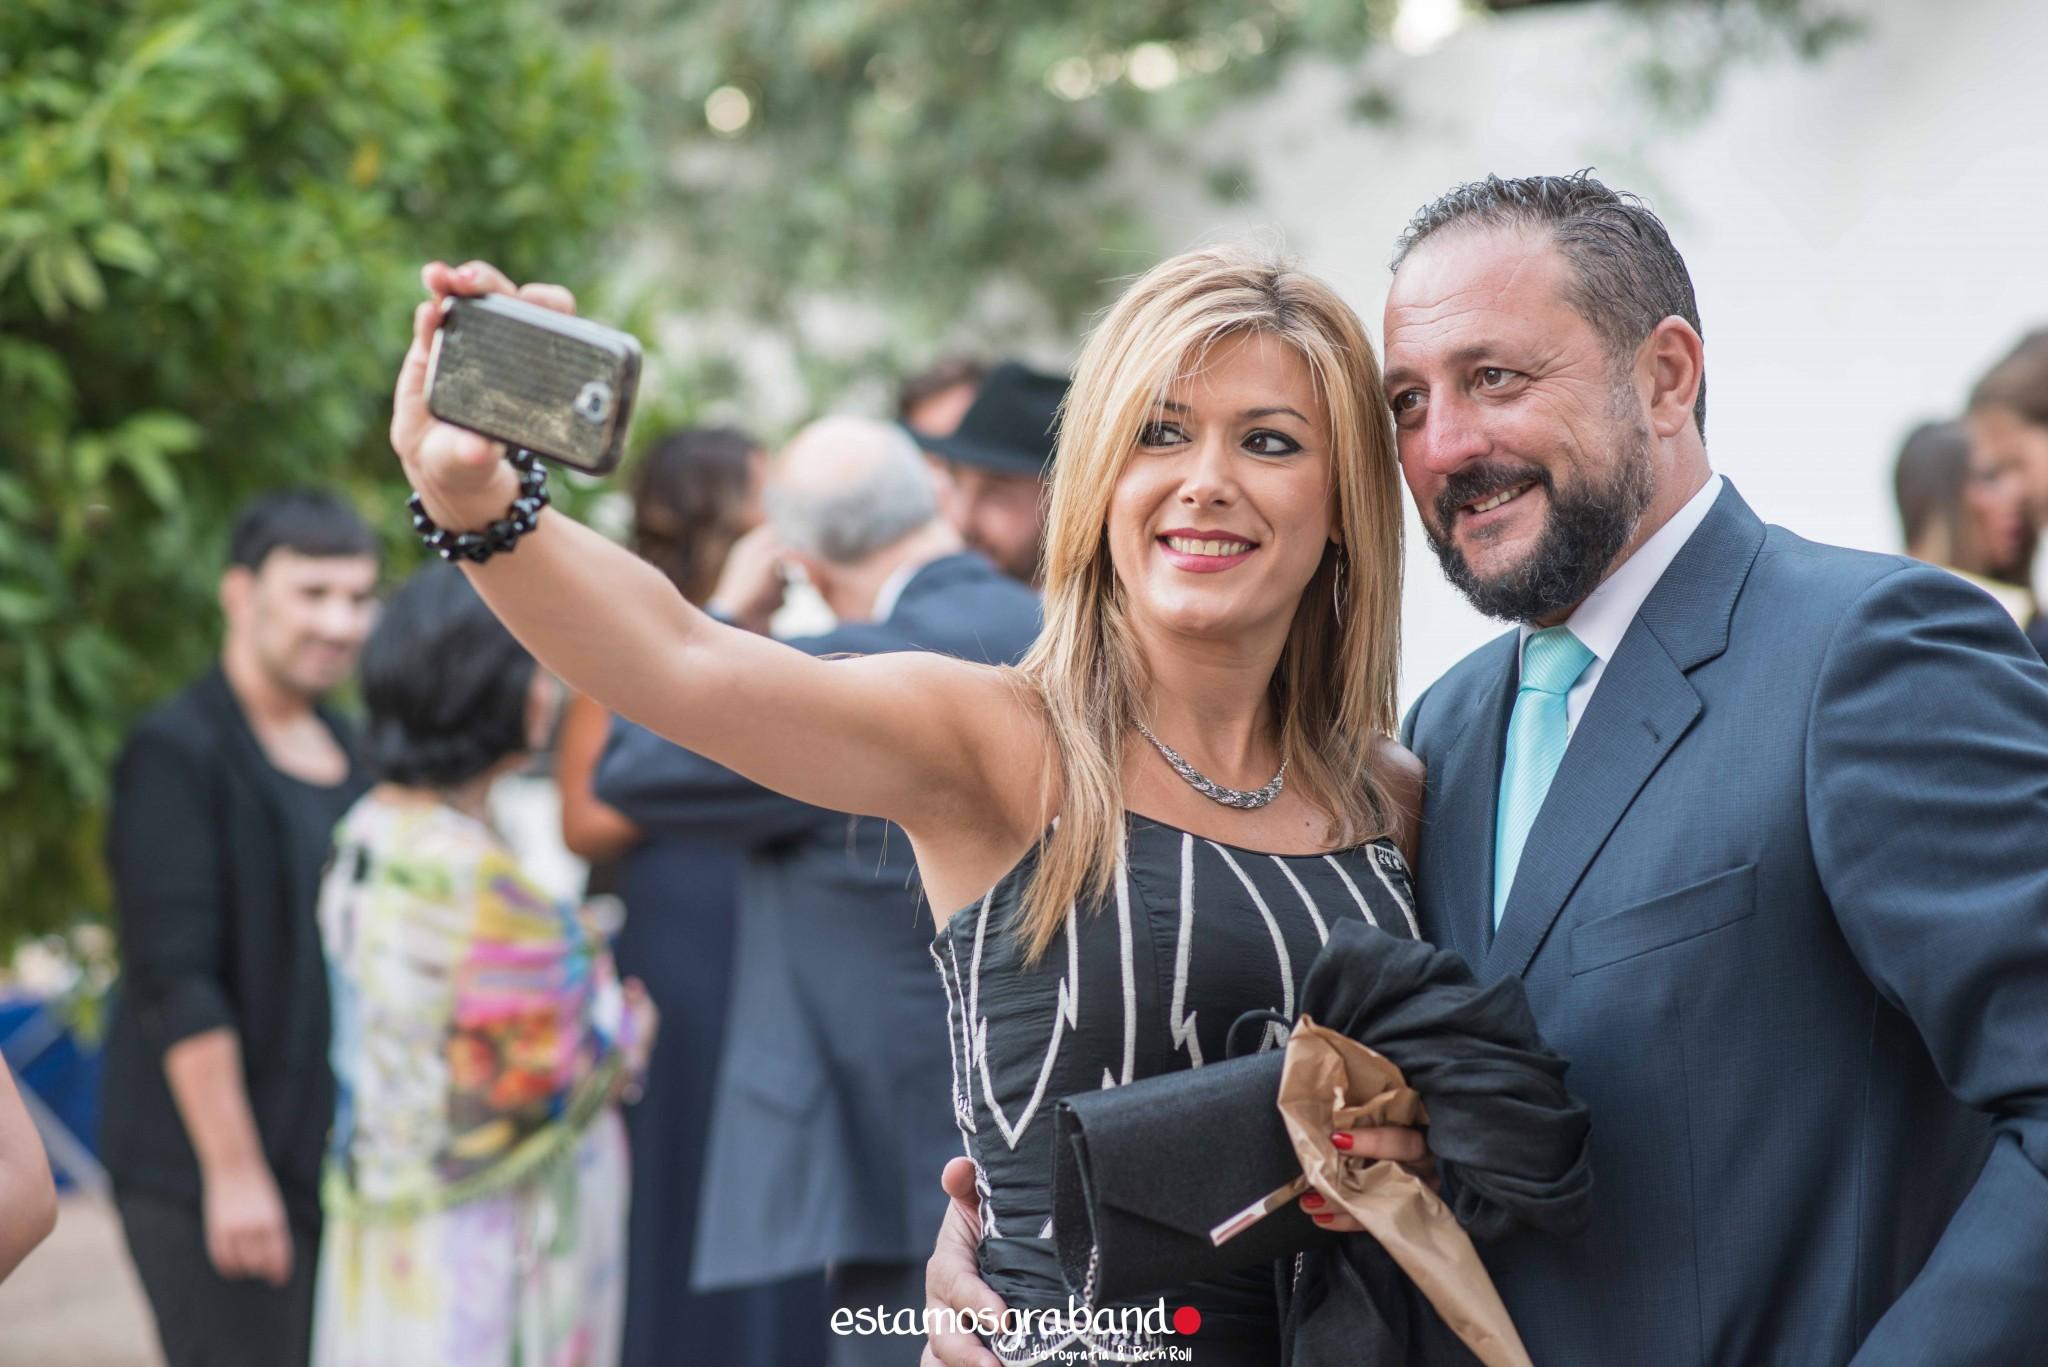 Miguel-Ana-23 Los invitados de Ana & Miguel [Fotografía de Boda_Viña La Carreña, Jerez] - video boda cadiz